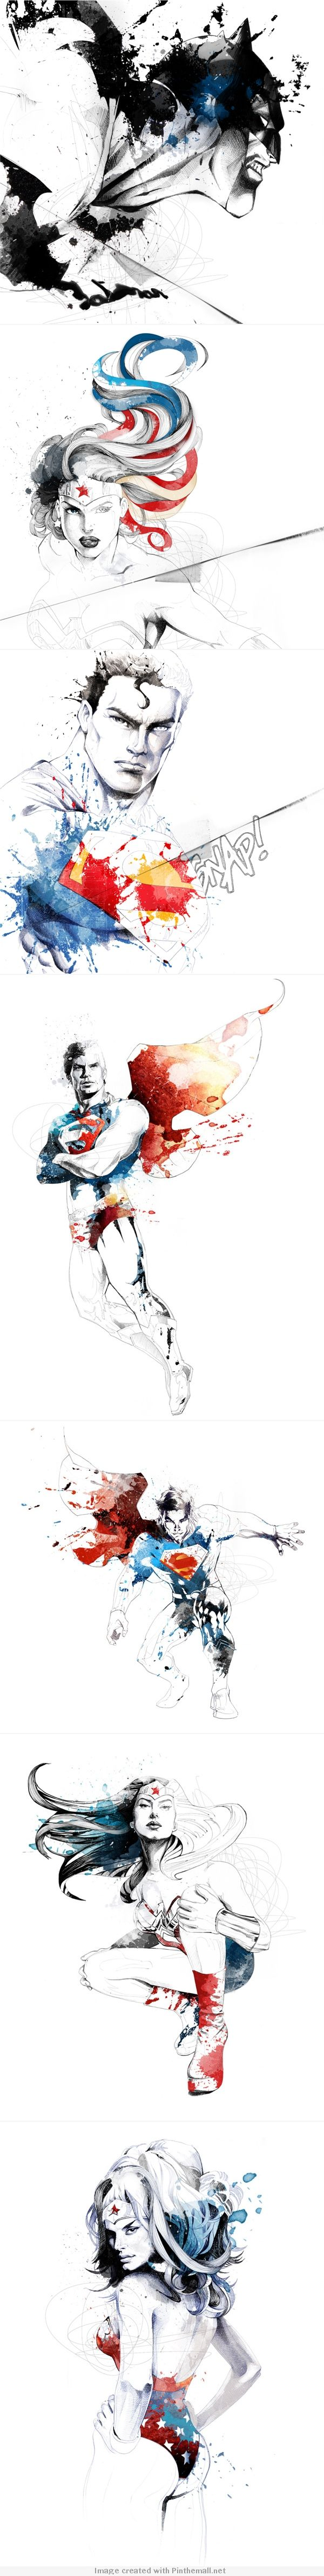 DC COMICS by david despau